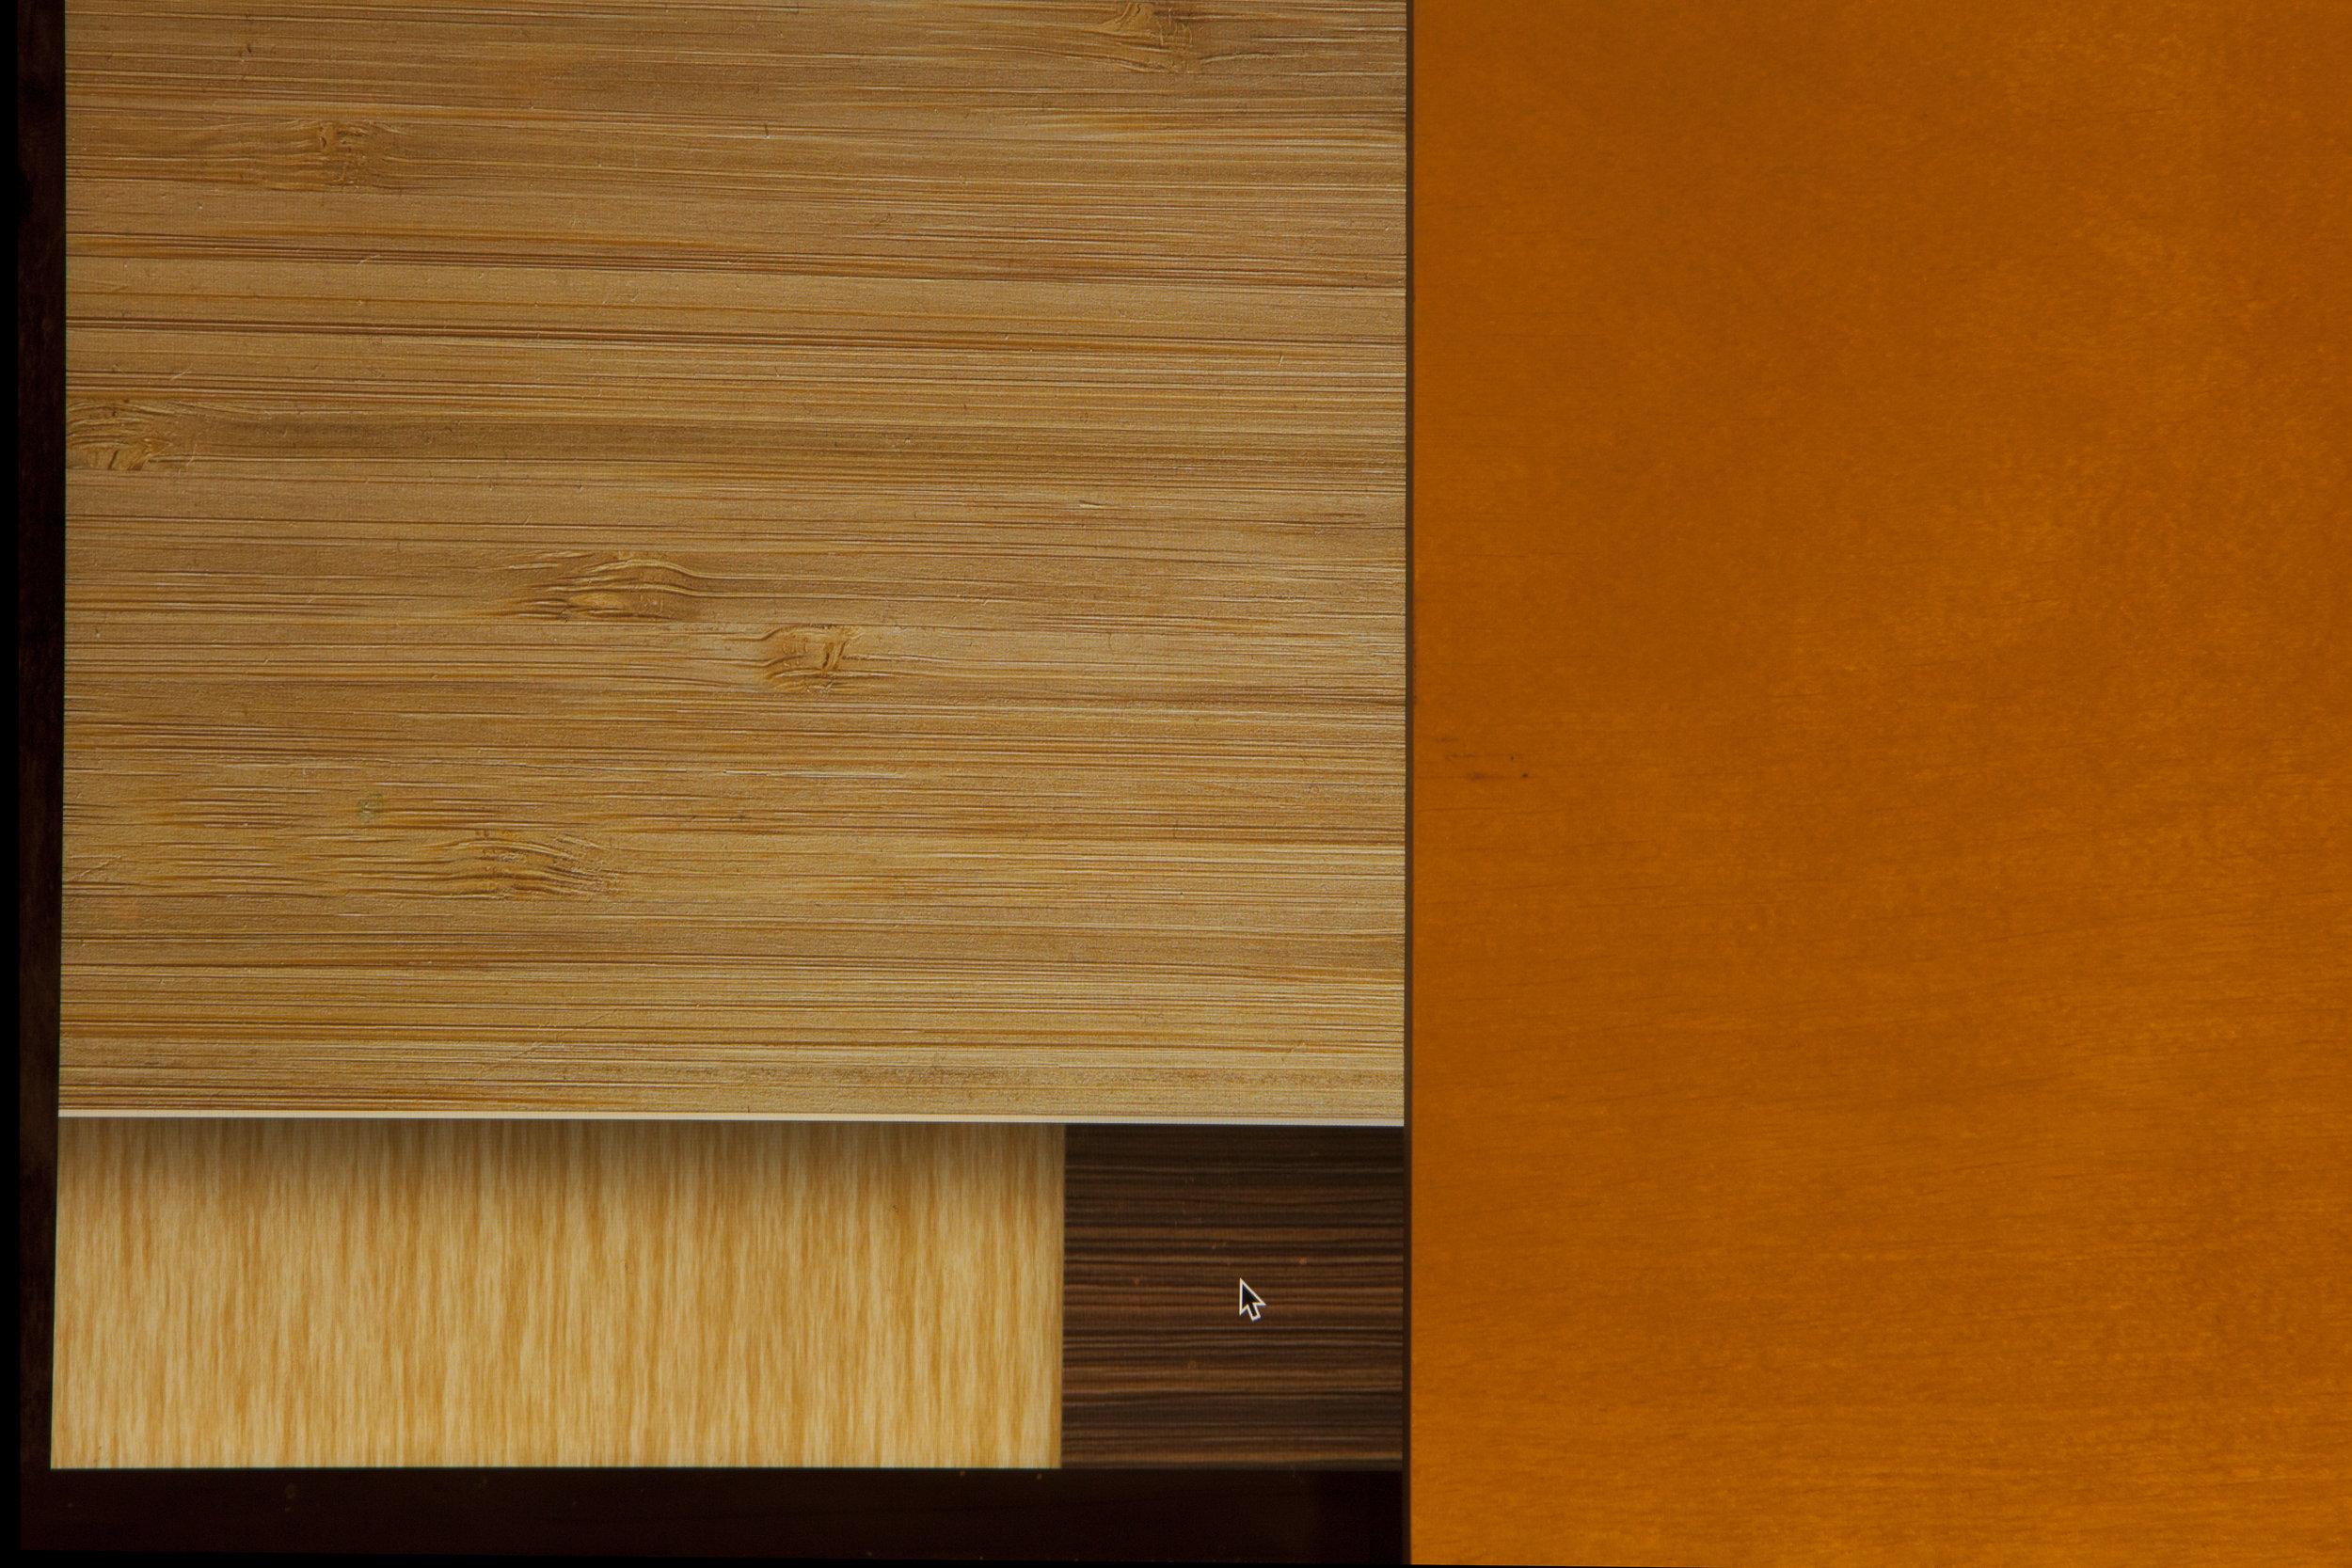 It is not wood.jpg